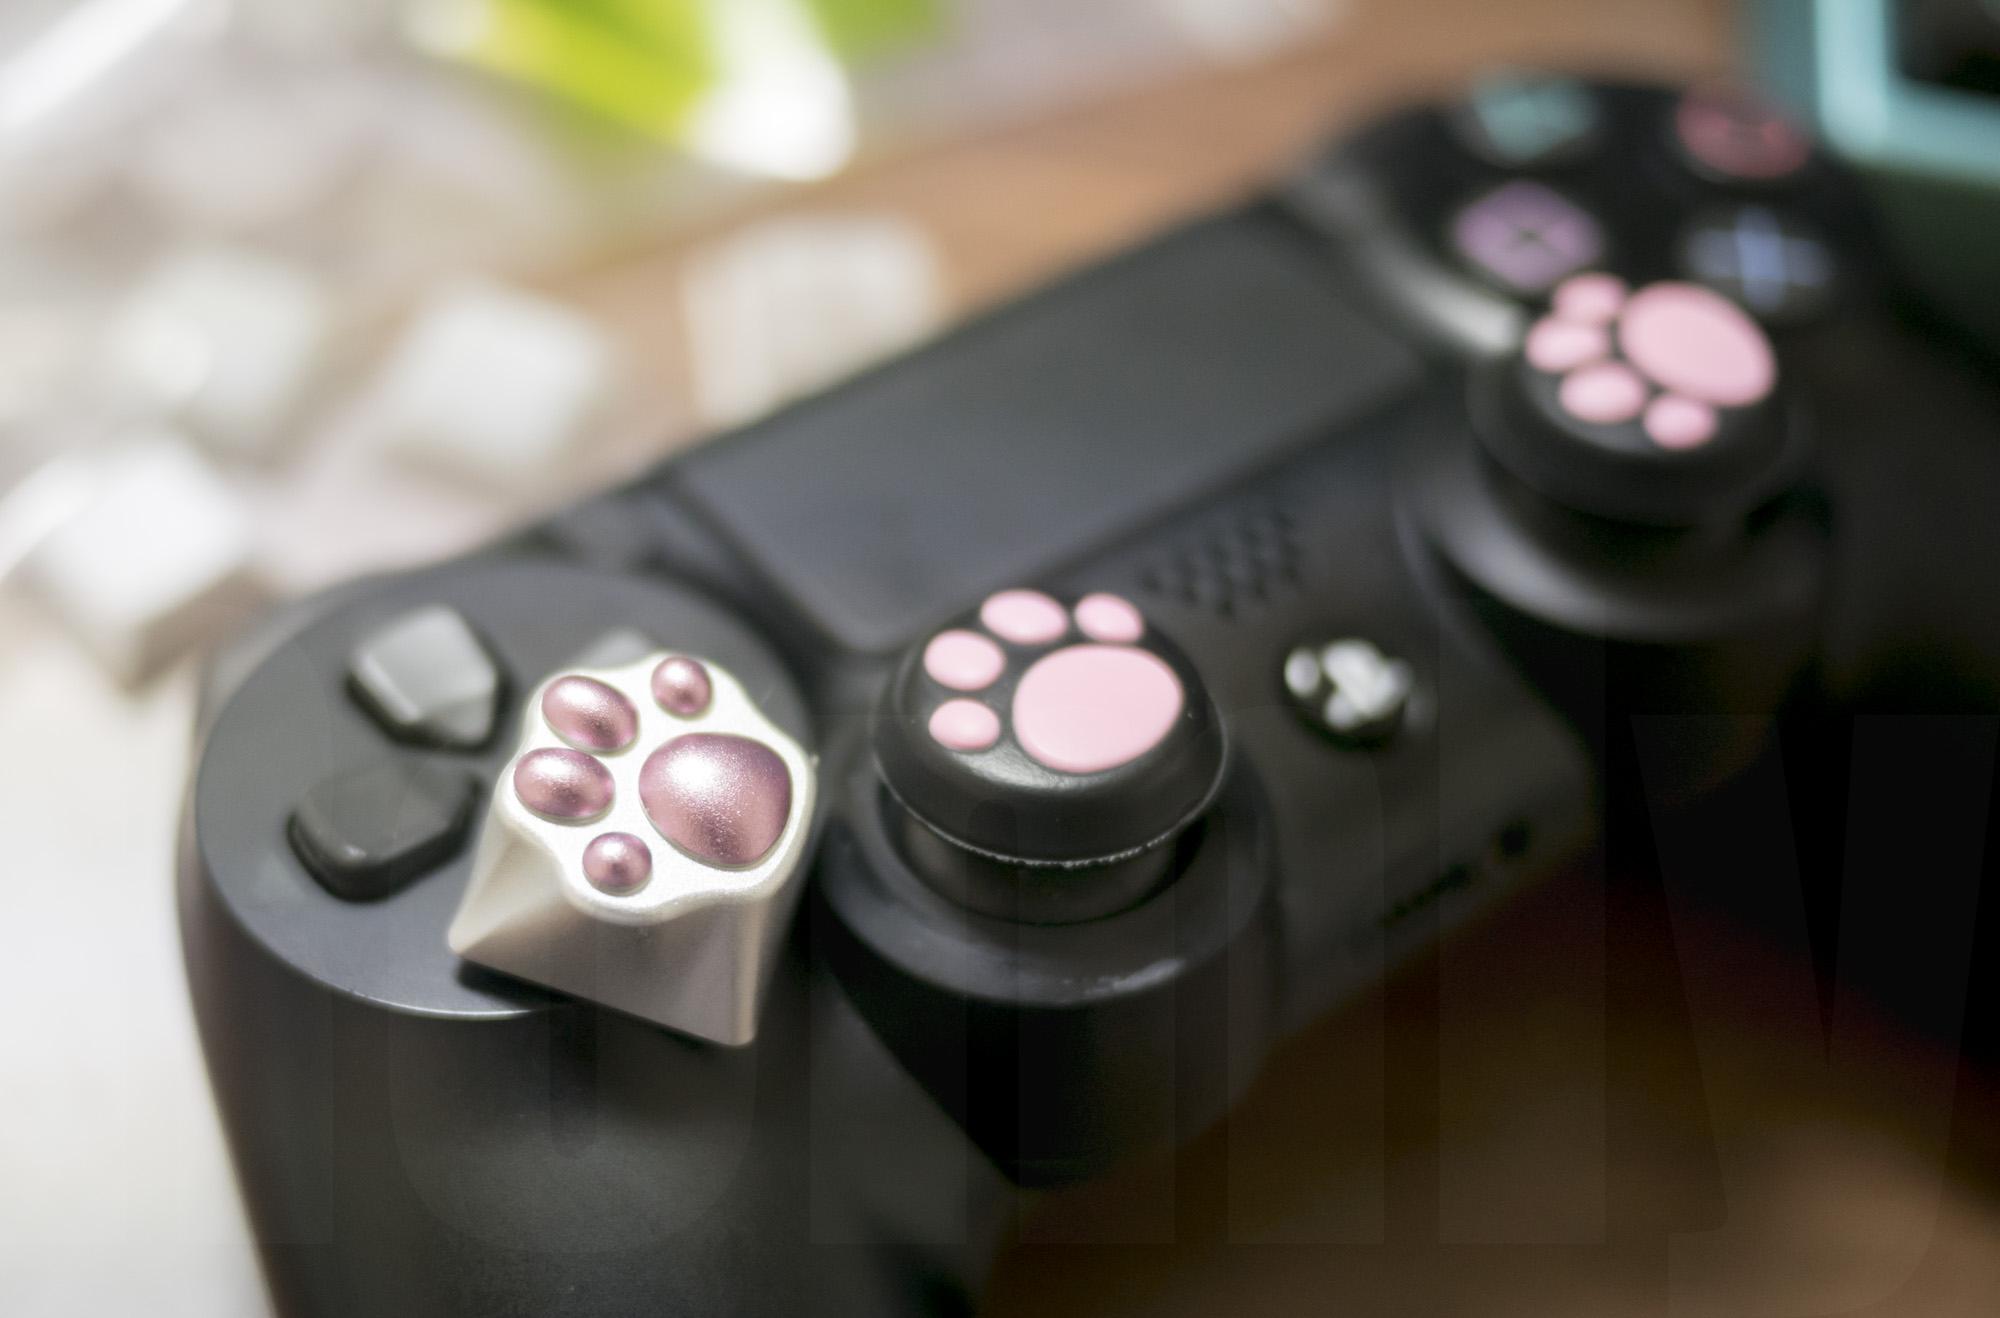 Kitty Paw Keycap with PS4 アナログスティックカバー ねこにゃん